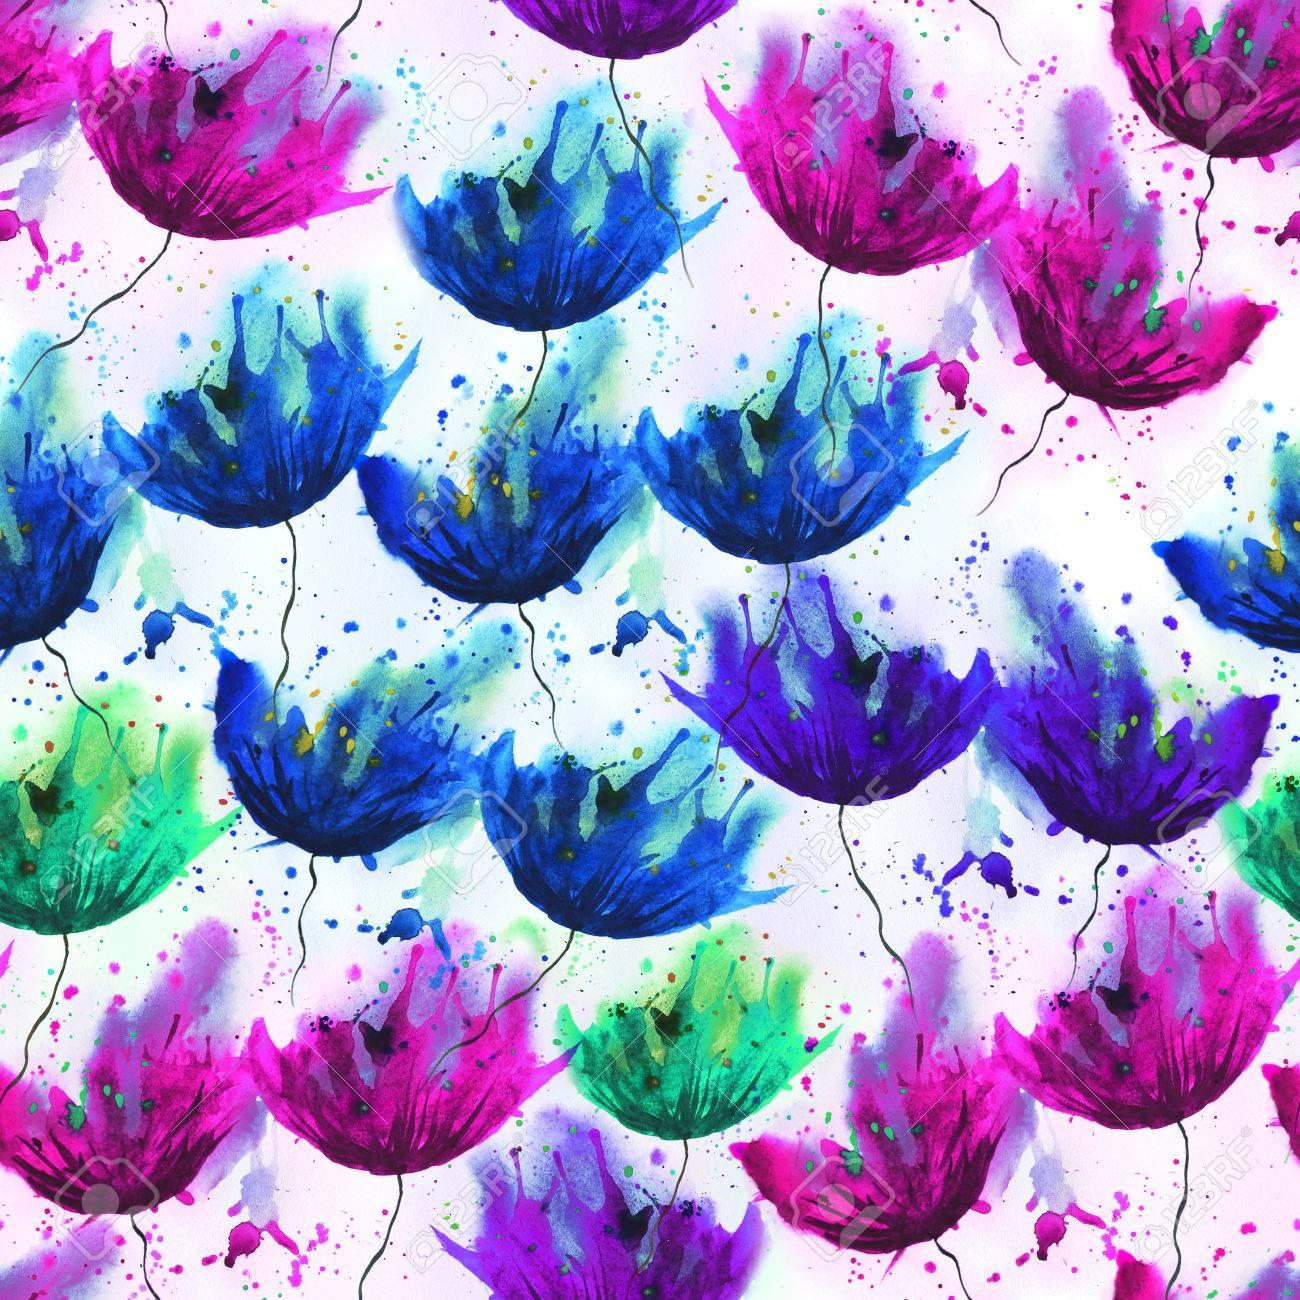 Aquarelle Pattern De Fleurs Differentes Humeur D Ete De Dessin